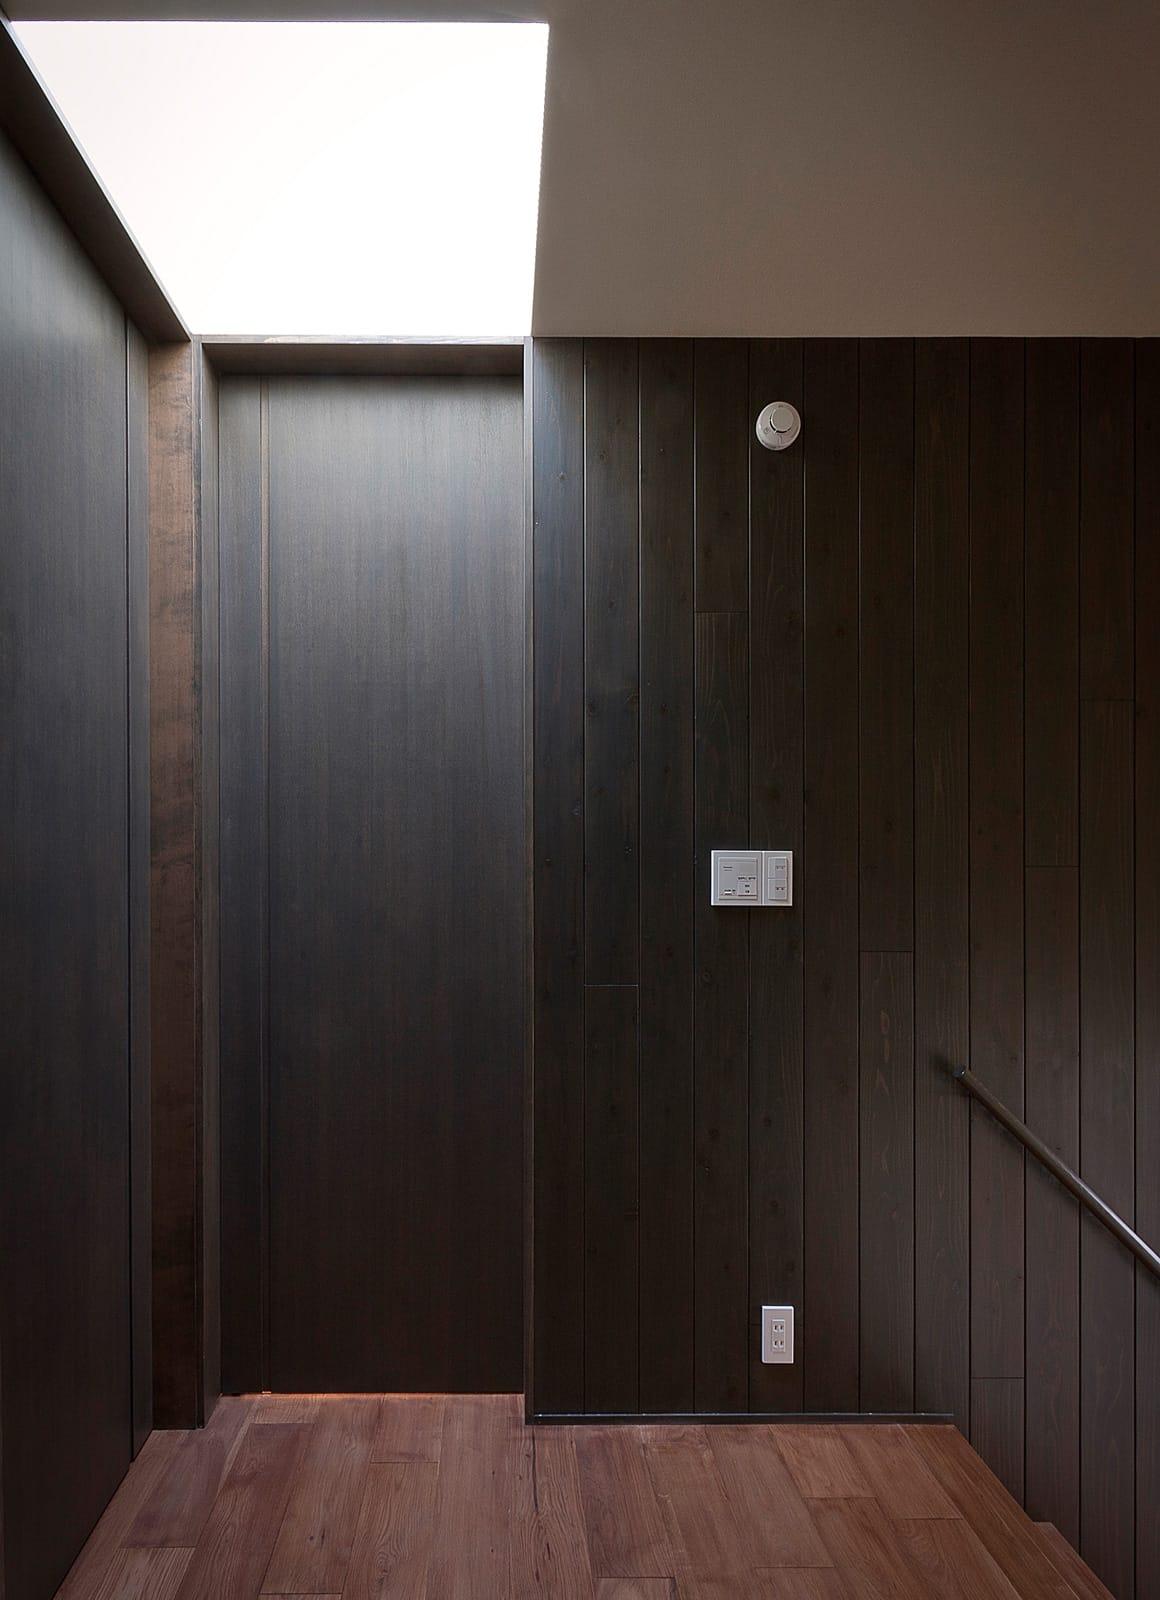 スローライフを楽しめる家の部屋1